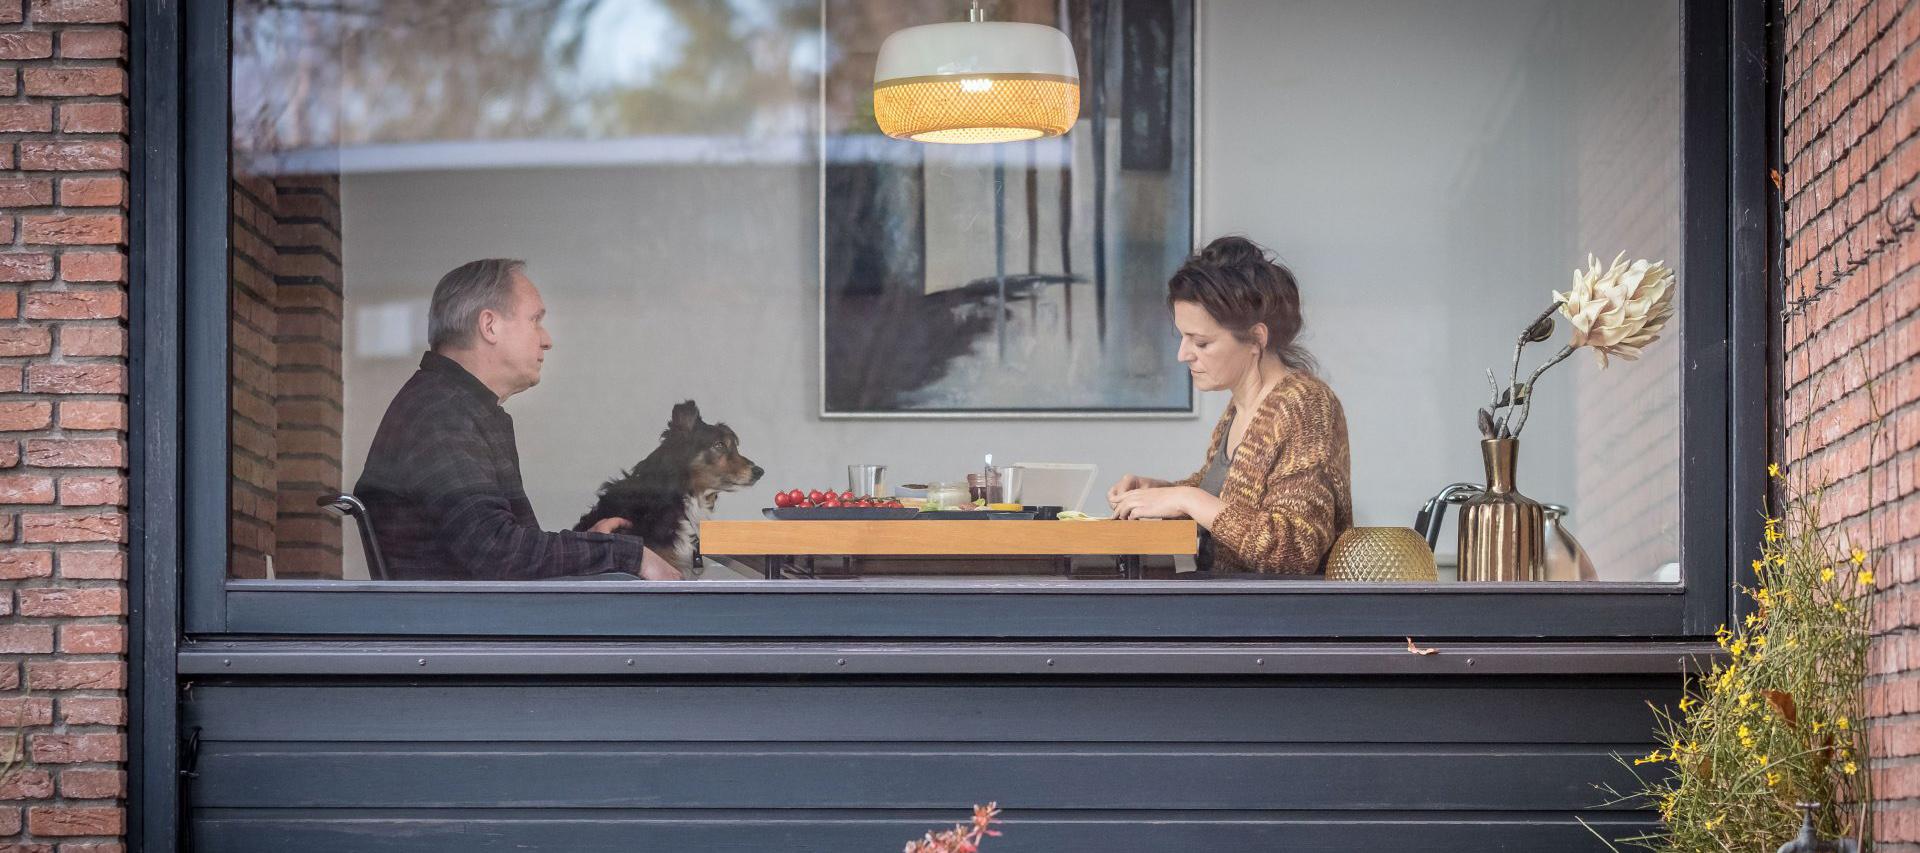 Film-Tipp: Und wer nimmt den Hund?